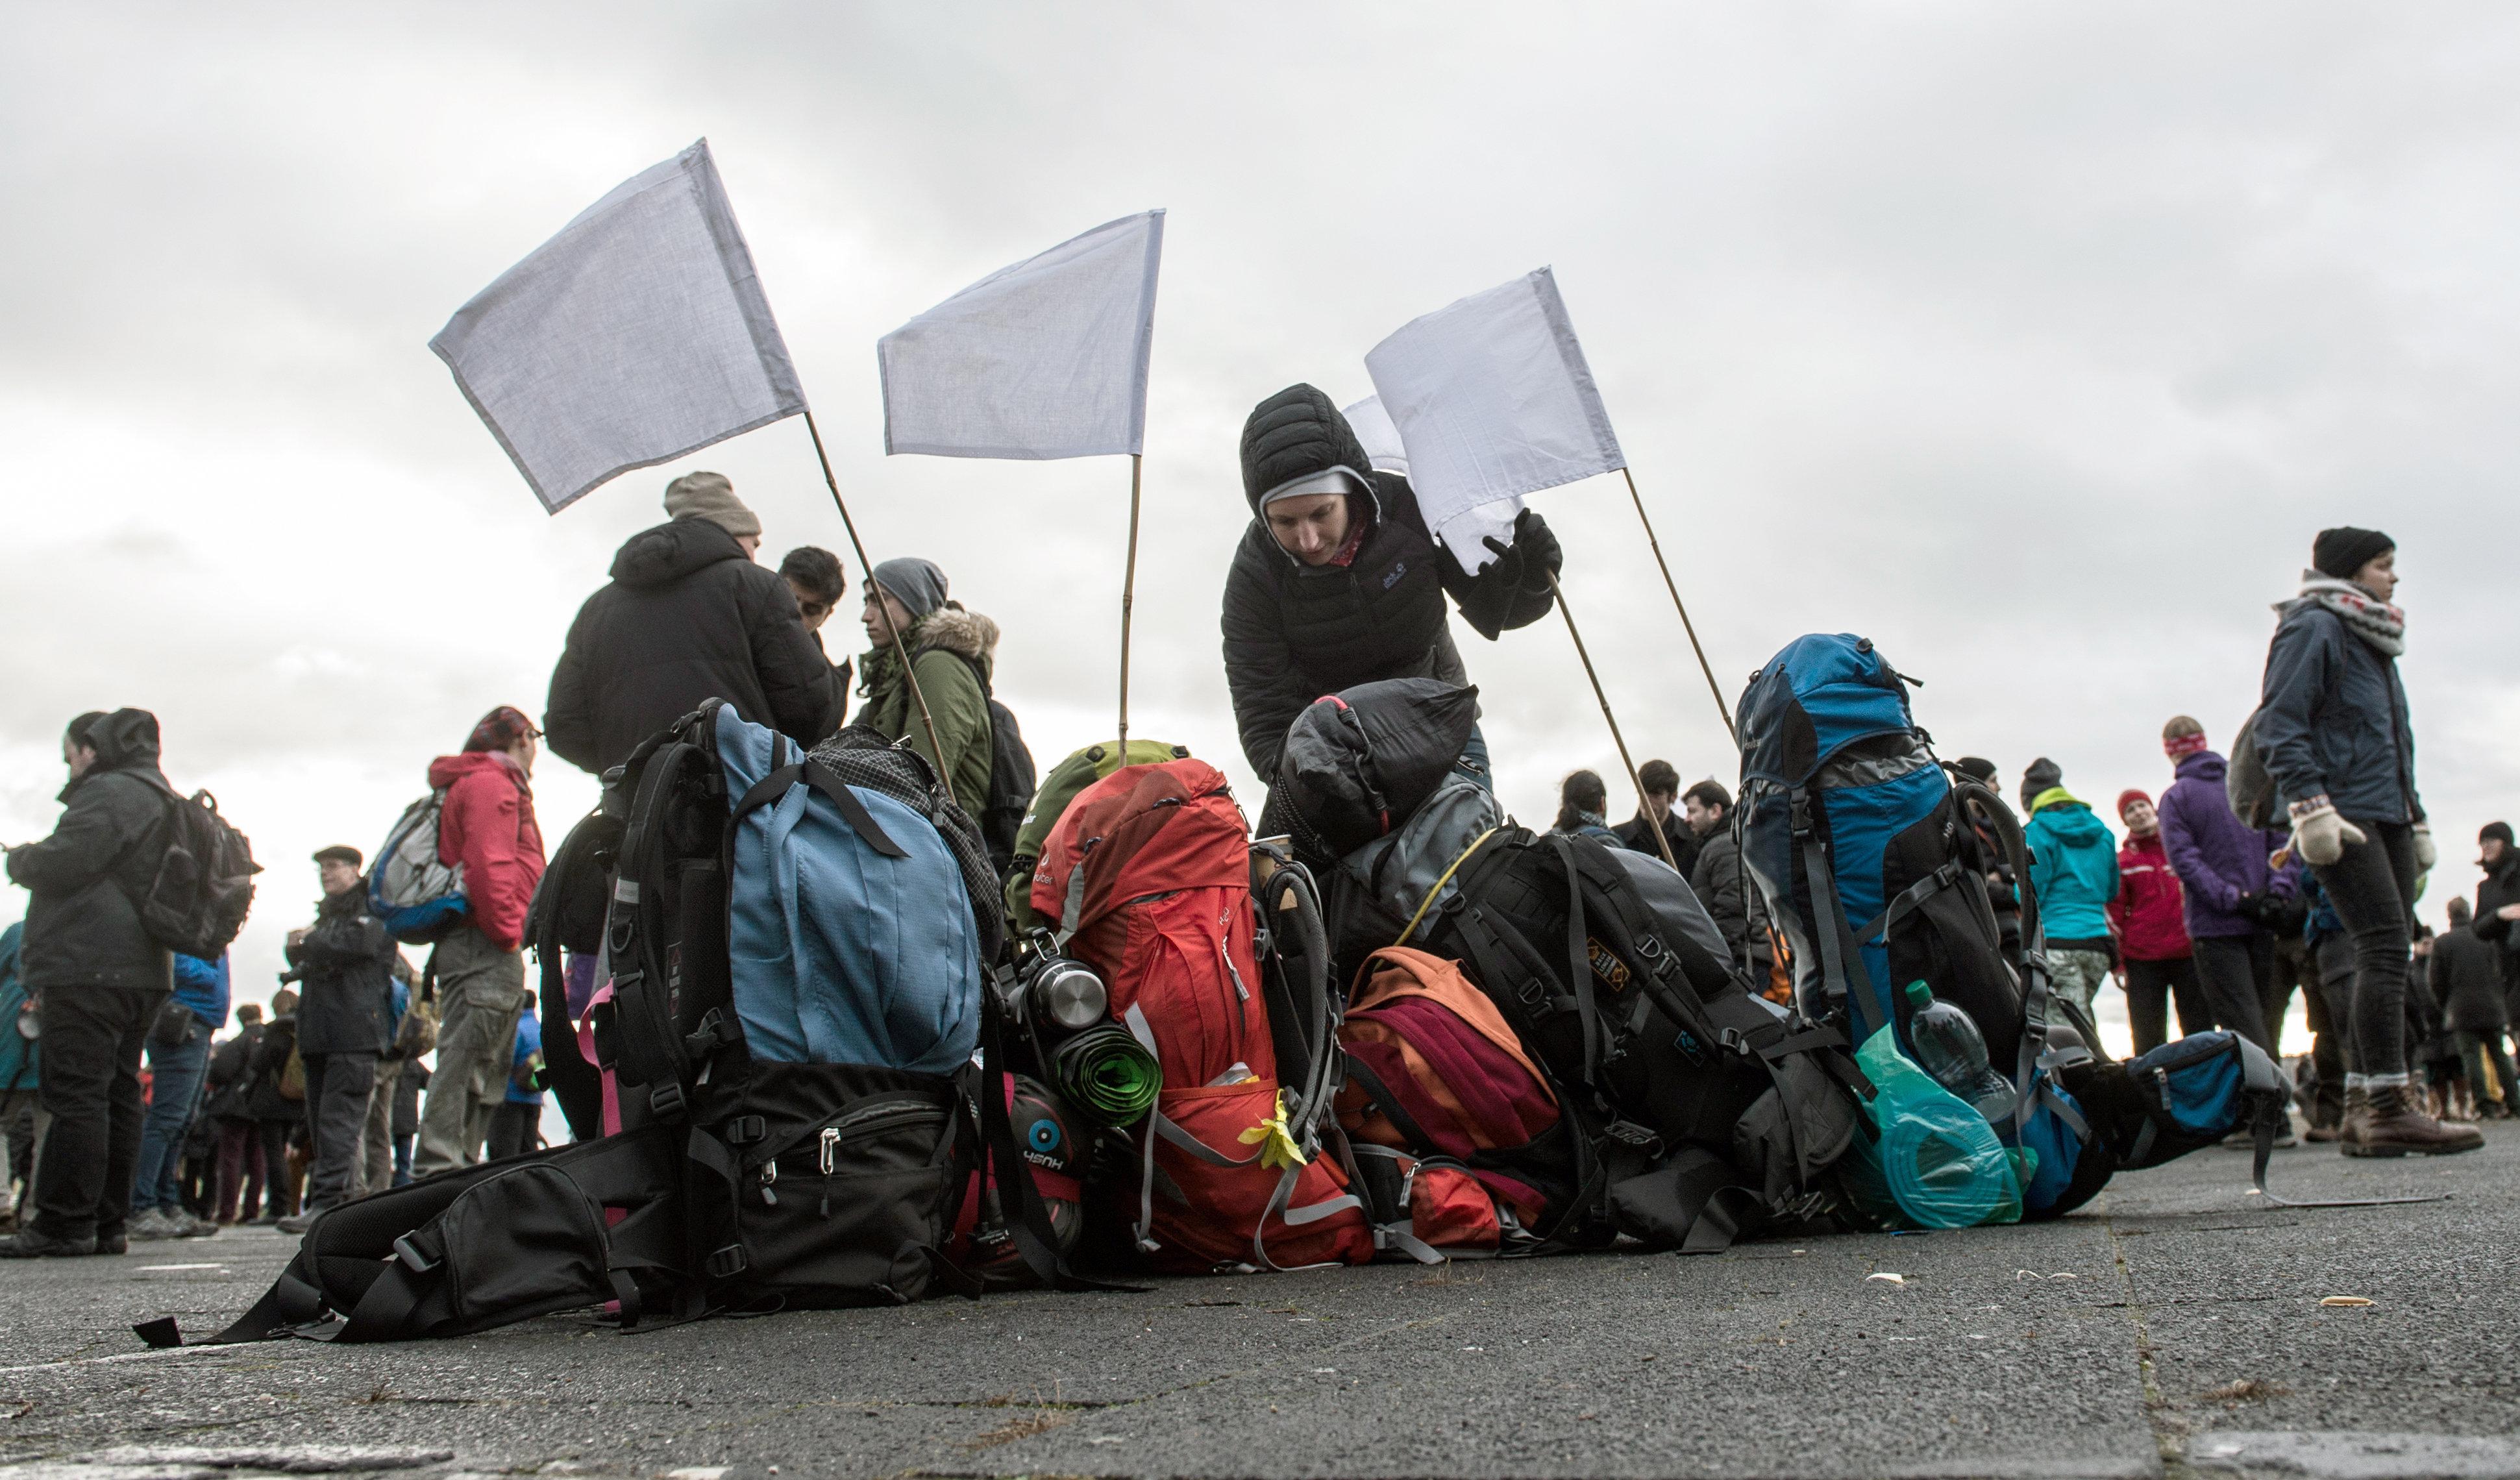 Bandeiras brancas em mochilas no campo de Tempelhofer, antes da partida da Marcha solidária para Aleppo, saindo de Berlim, na Alemanha, em 26 de dezembro de 2016